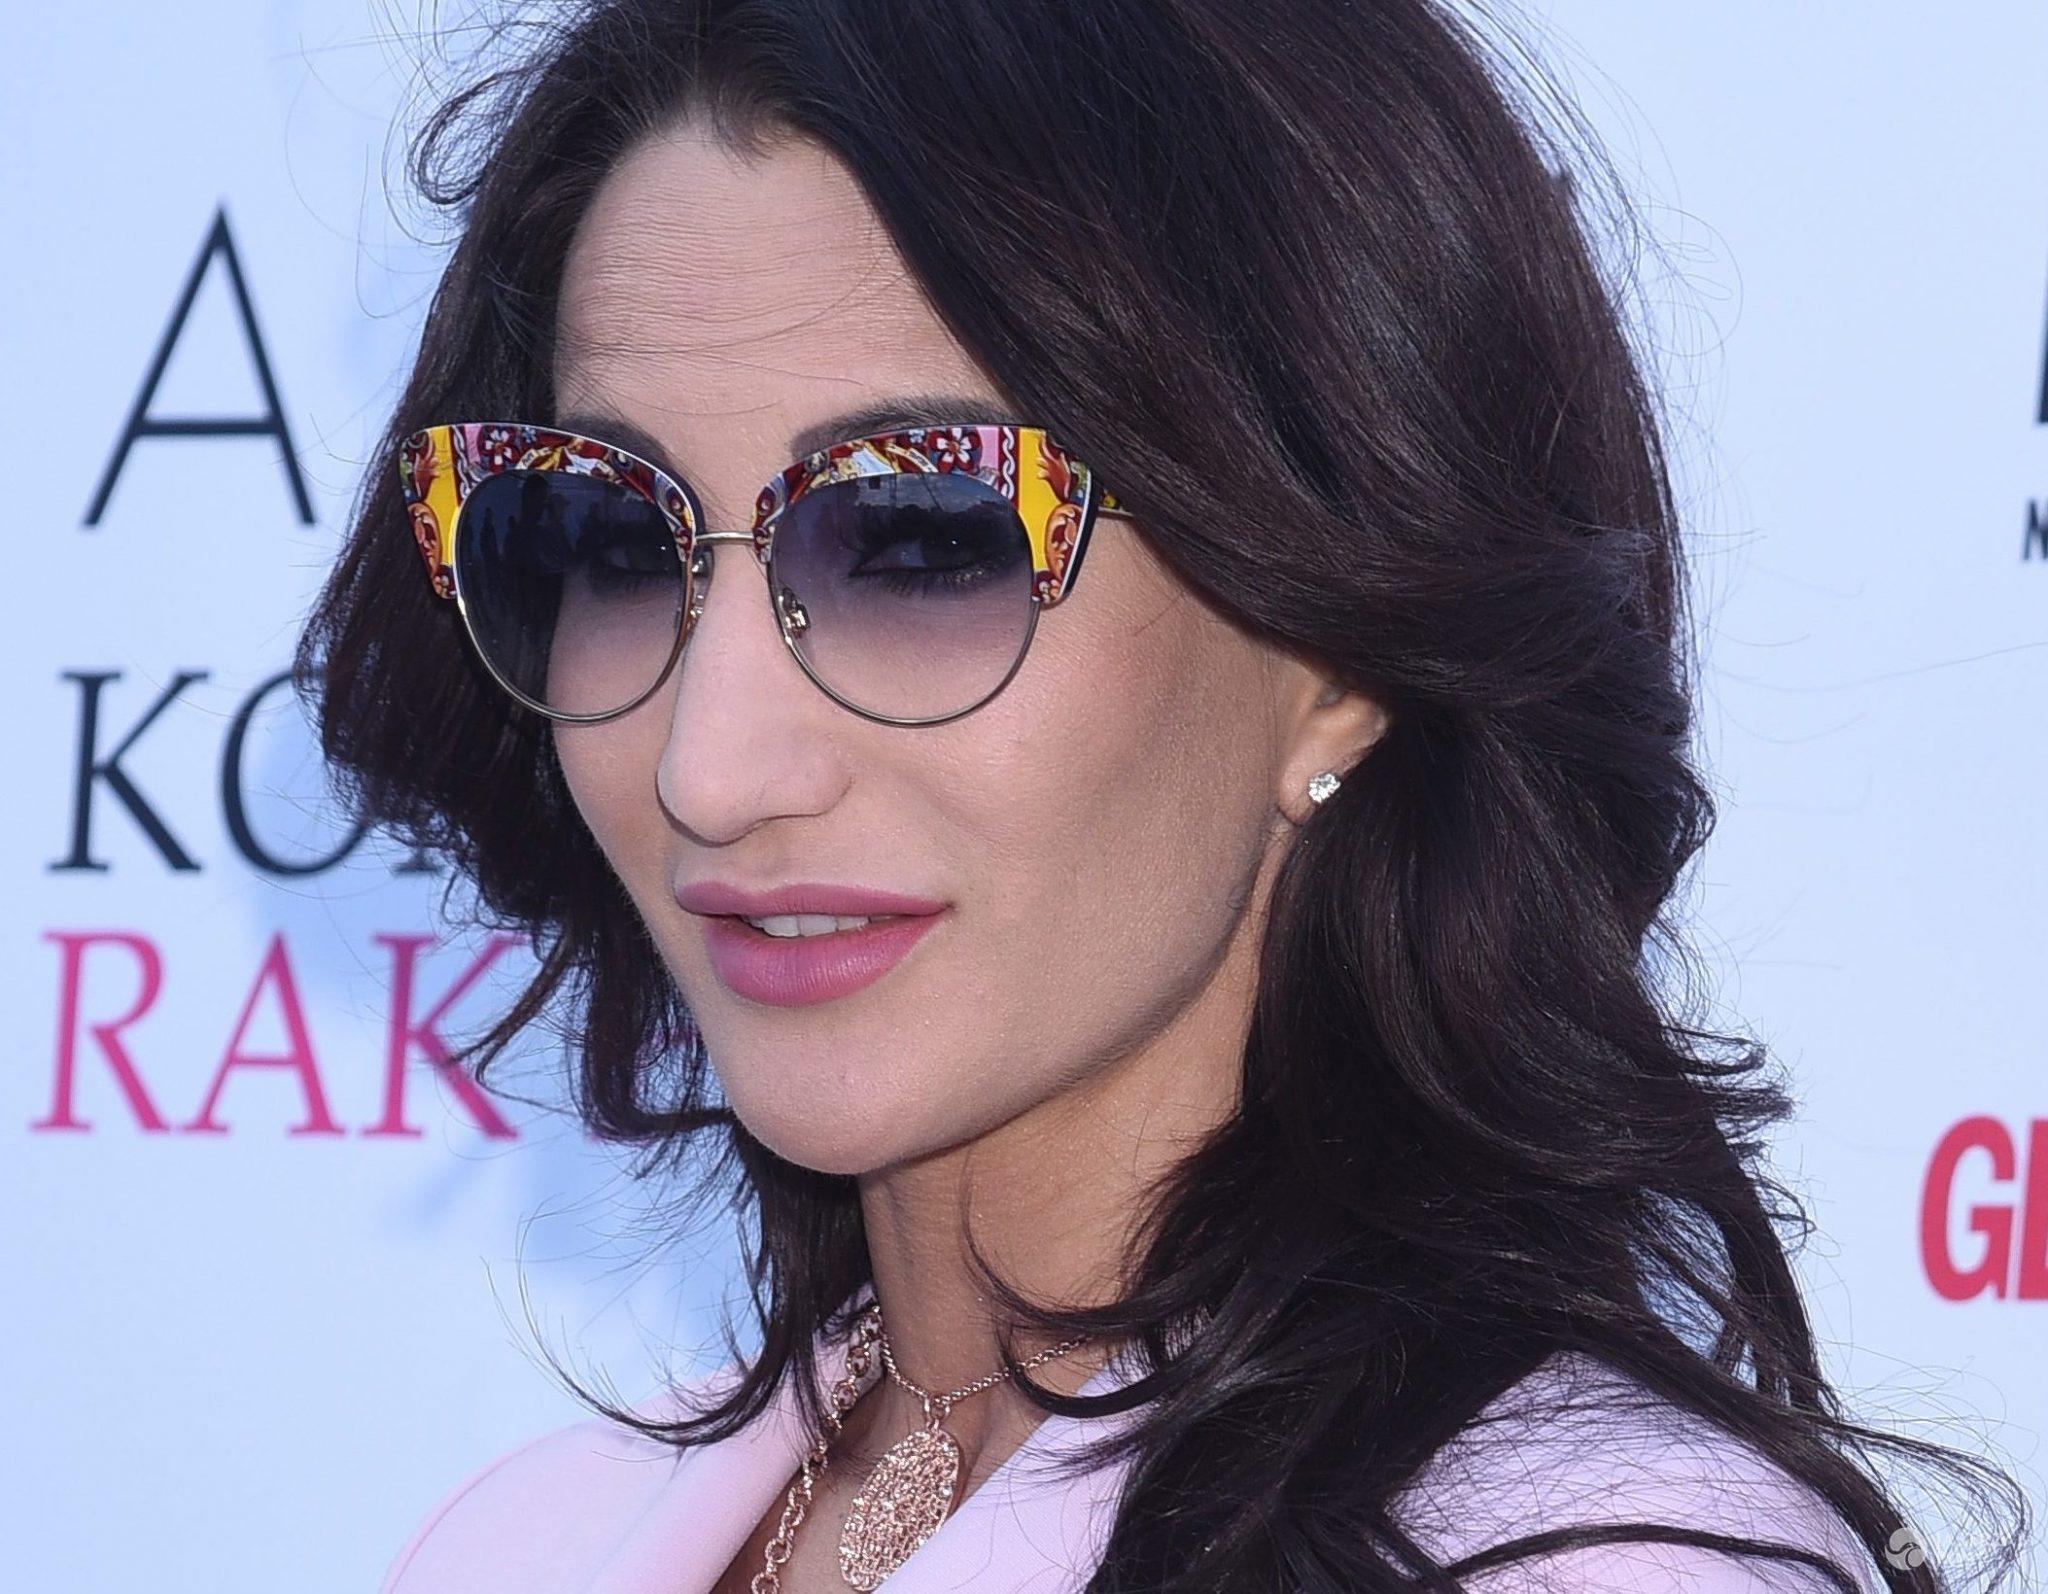 Hit na lato! Kocie okulary przeciwsłoneczne. Wiemy, jakich marek są te, które noszą gwiazdy - Okulary przeciwsłoneczne: Dolce & Gabbana. Justyna Steczkowska (fot. ONS)